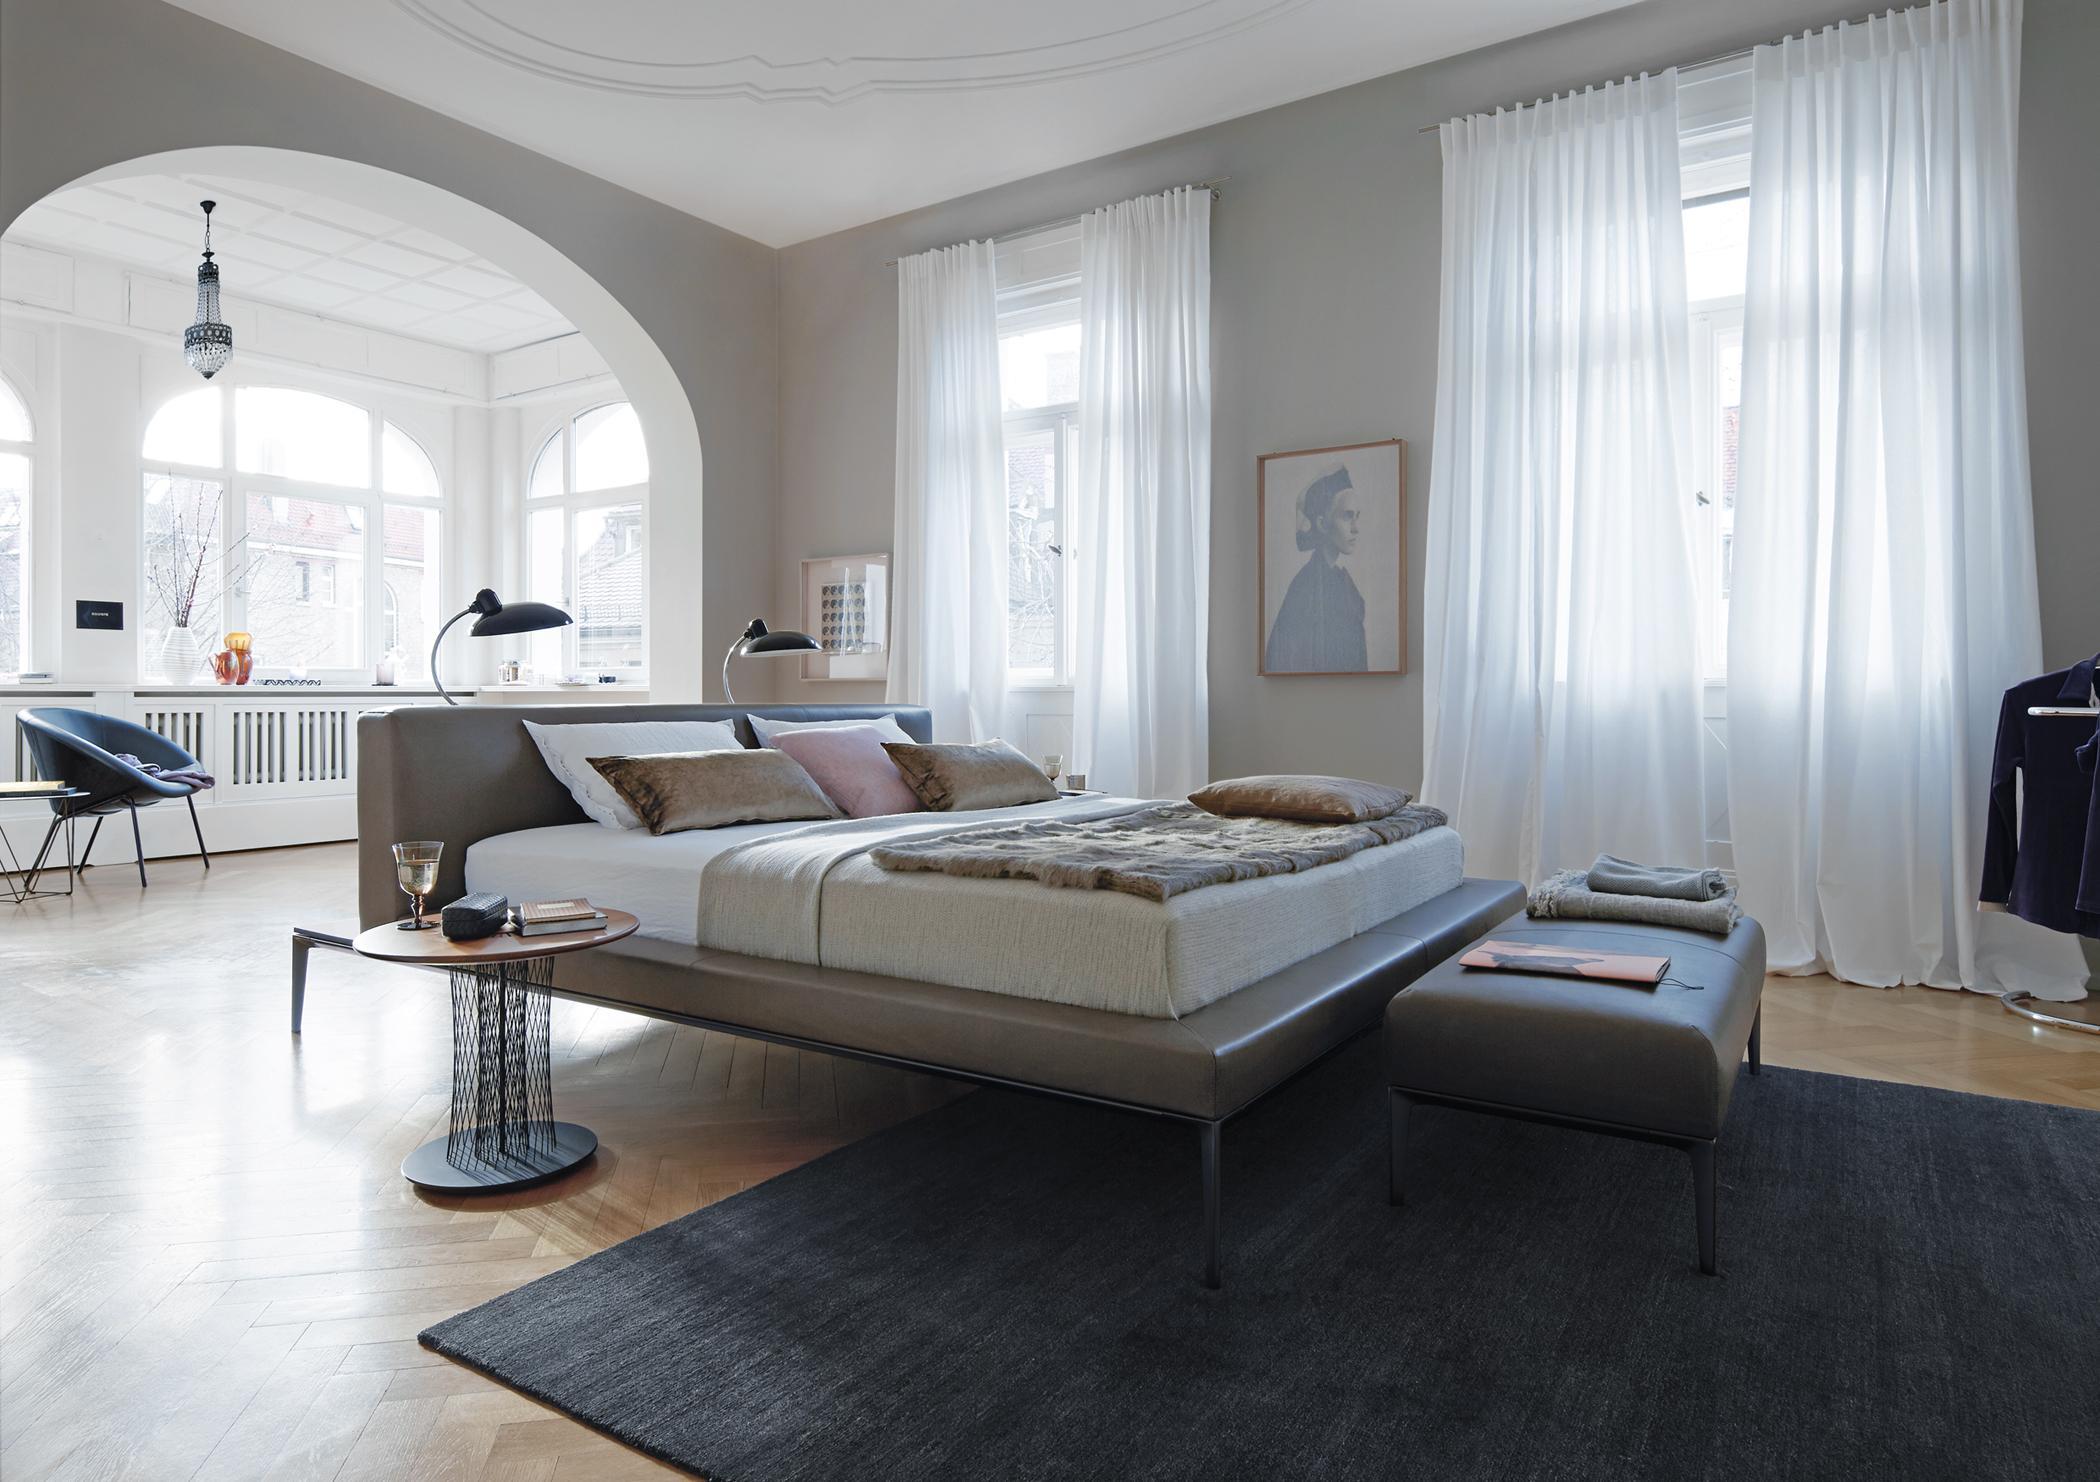 Doppelbett Mit Nachtleuchten #teppich #erker #bettwäsche #sessel  #nachttisch #gardine #